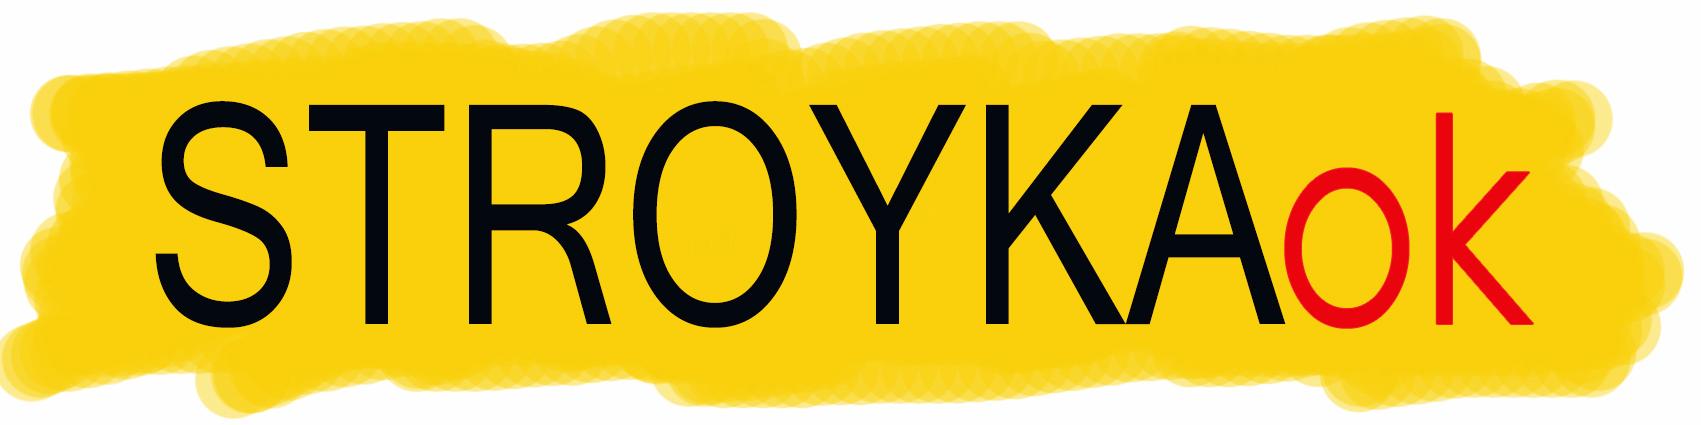 StroykaOK